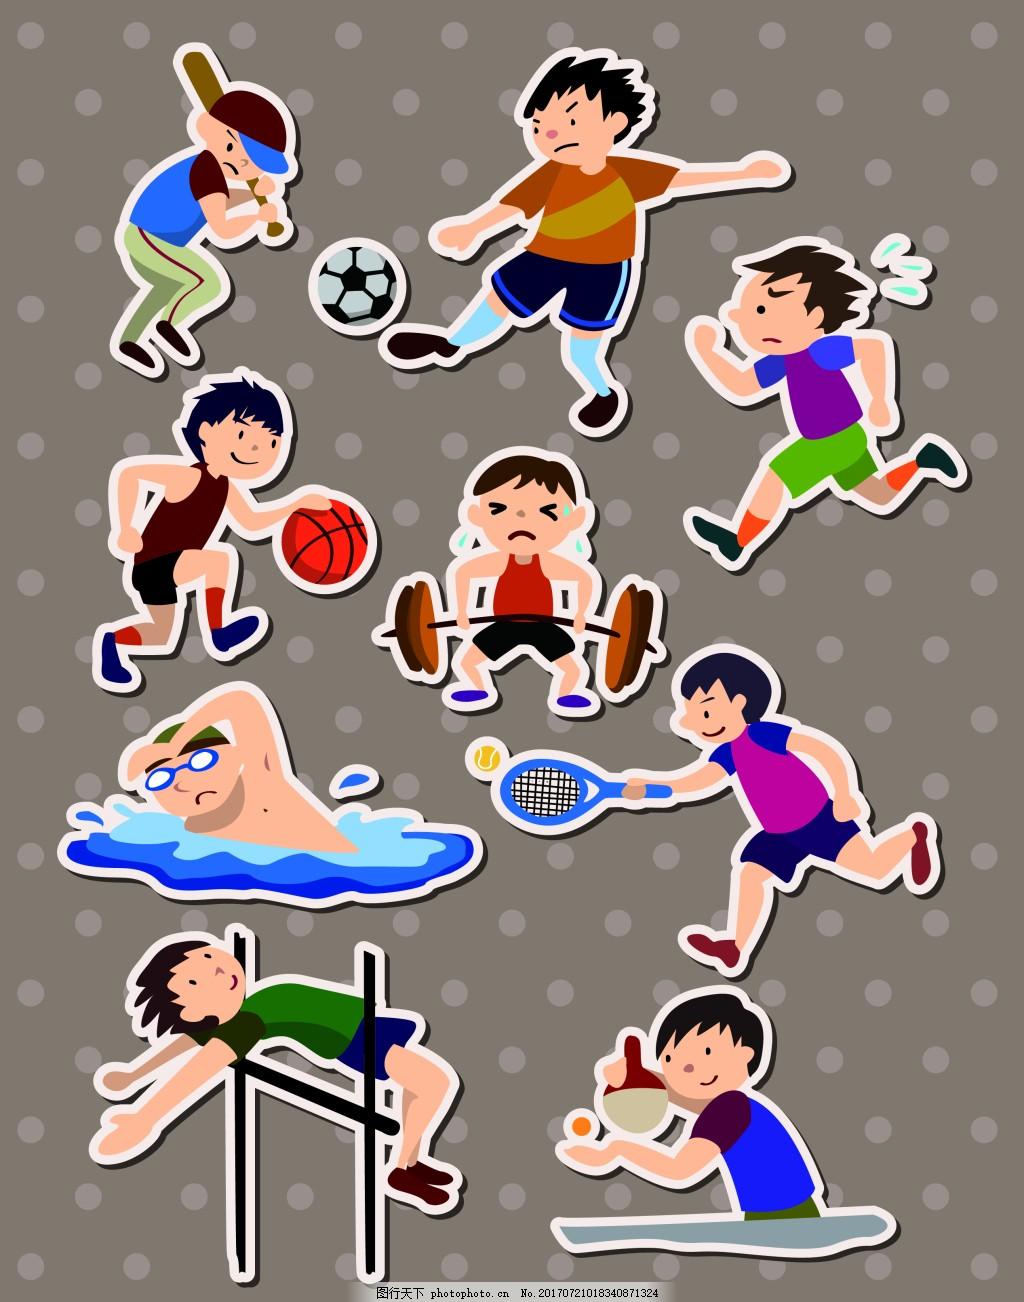 运动的孩子插画 体育 运动 孩子 足球 篮球 举重 游泳 跳高 锻炼